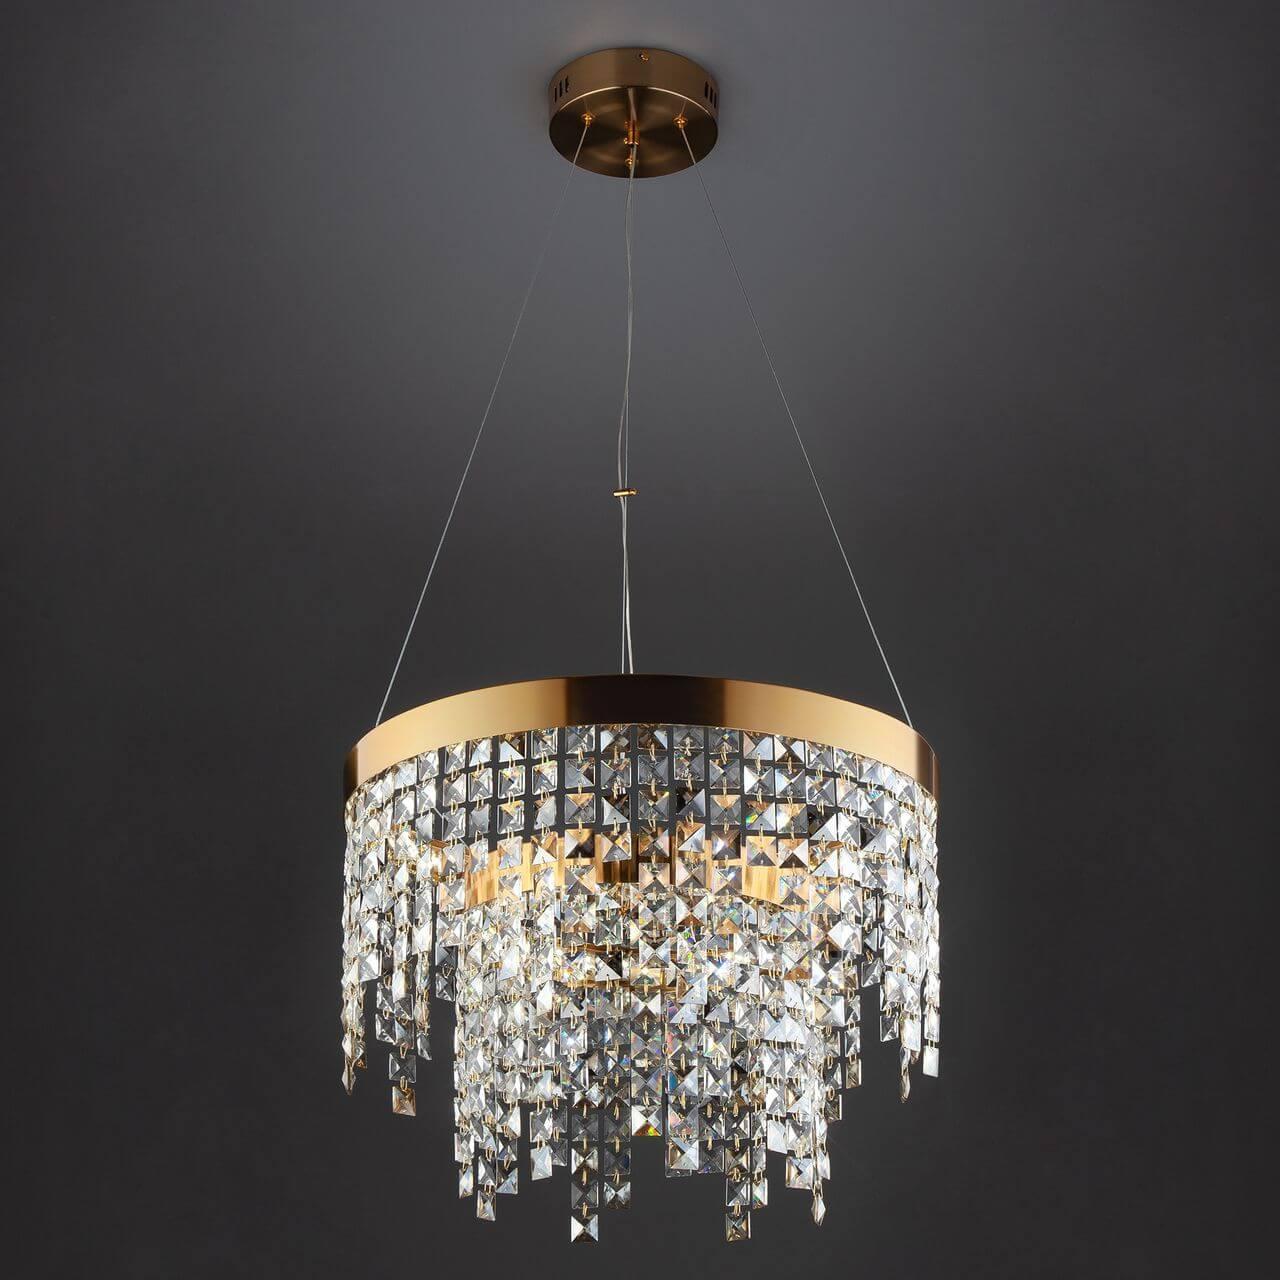 Подвесной светодиодный светильник Eurosvet Triomphe 90110/2 брусчатка галька p008g de triomphe 3d